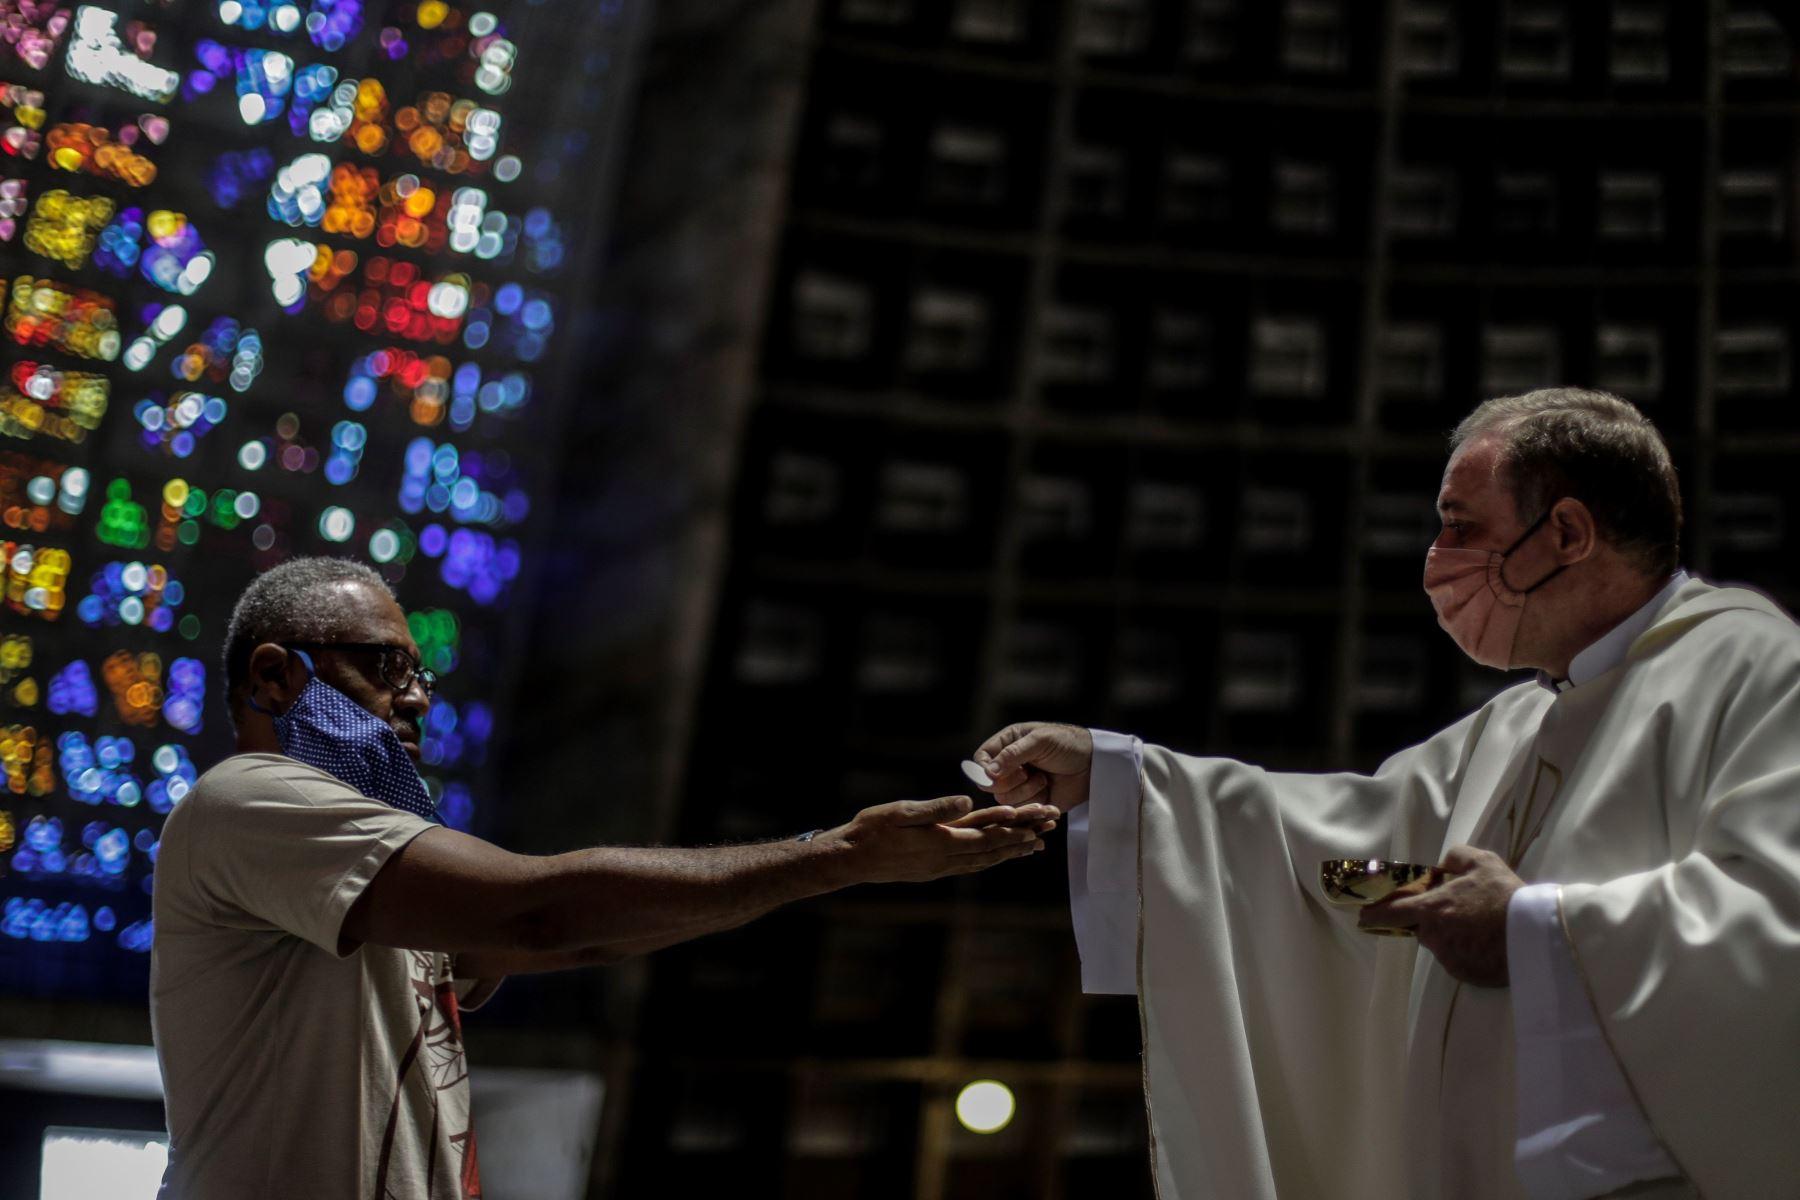 Un hombre es visto mientras recibe la comunión en una iglesia durante la celebración de una eucaristía en Río de Janeiro (Brasil). Foto: EFE